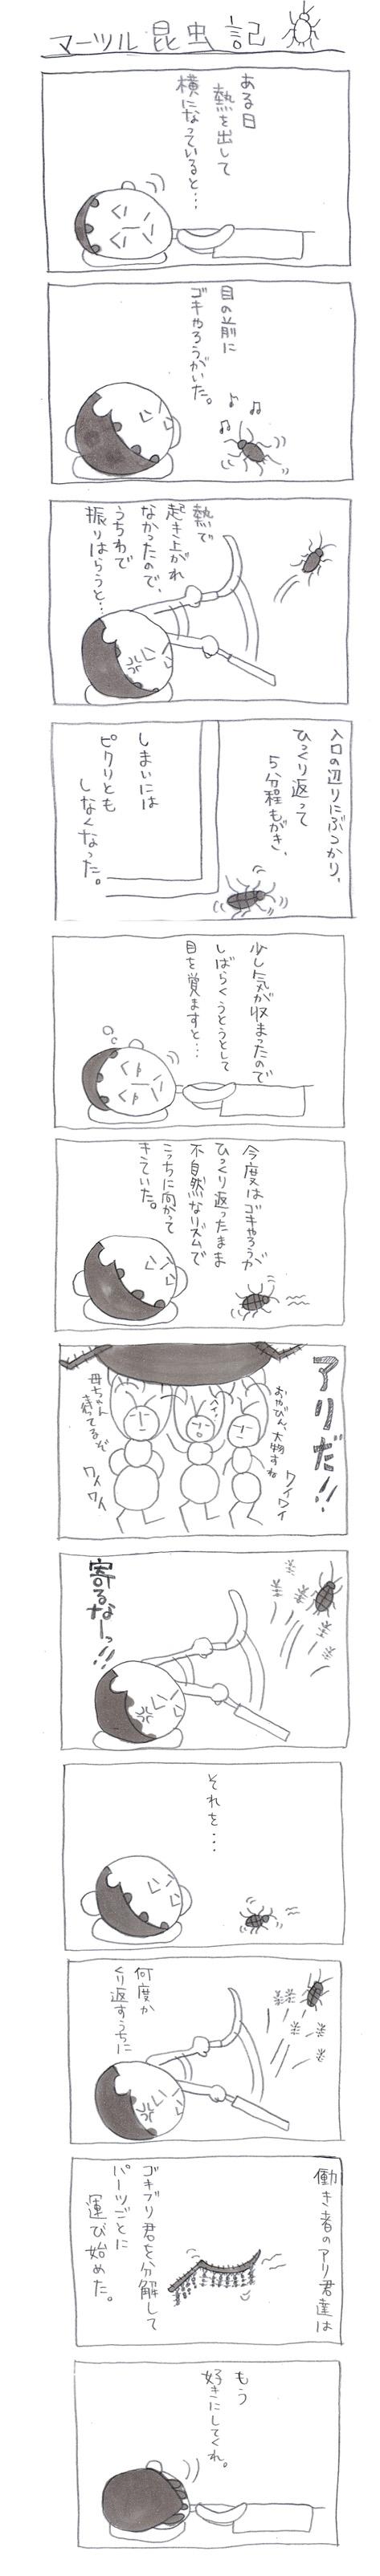 マーツル昆虫記